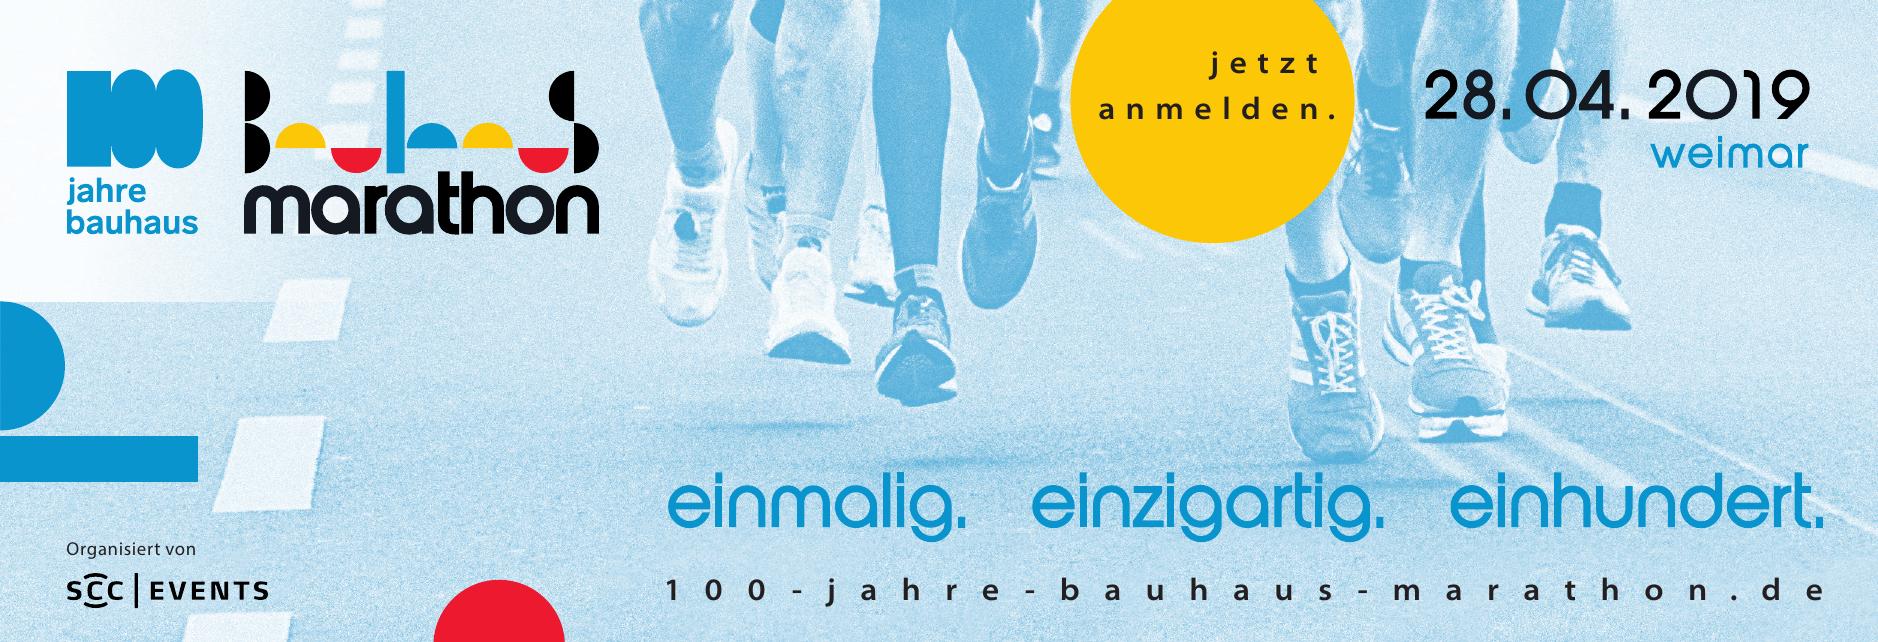 100 jahre bauhaus marathon